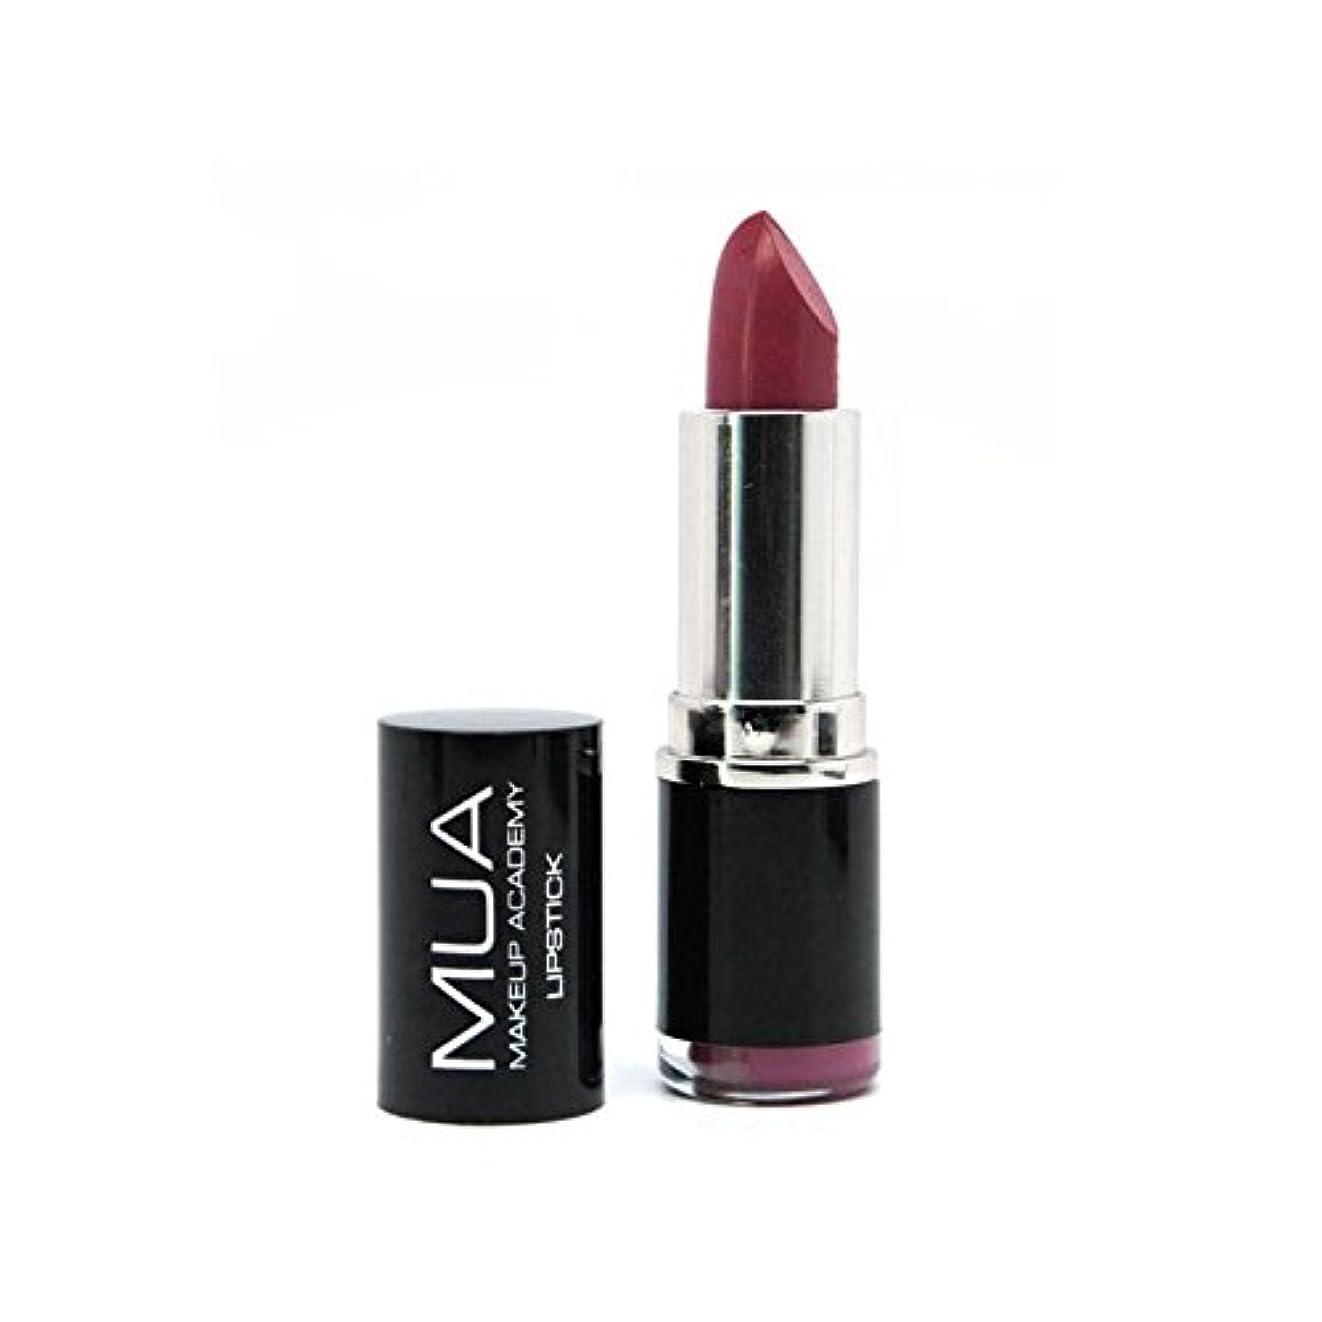 移住する乞食死MUA Lipstick - Shade 2 - の口紅 - 日陰2 [並行輸入品]